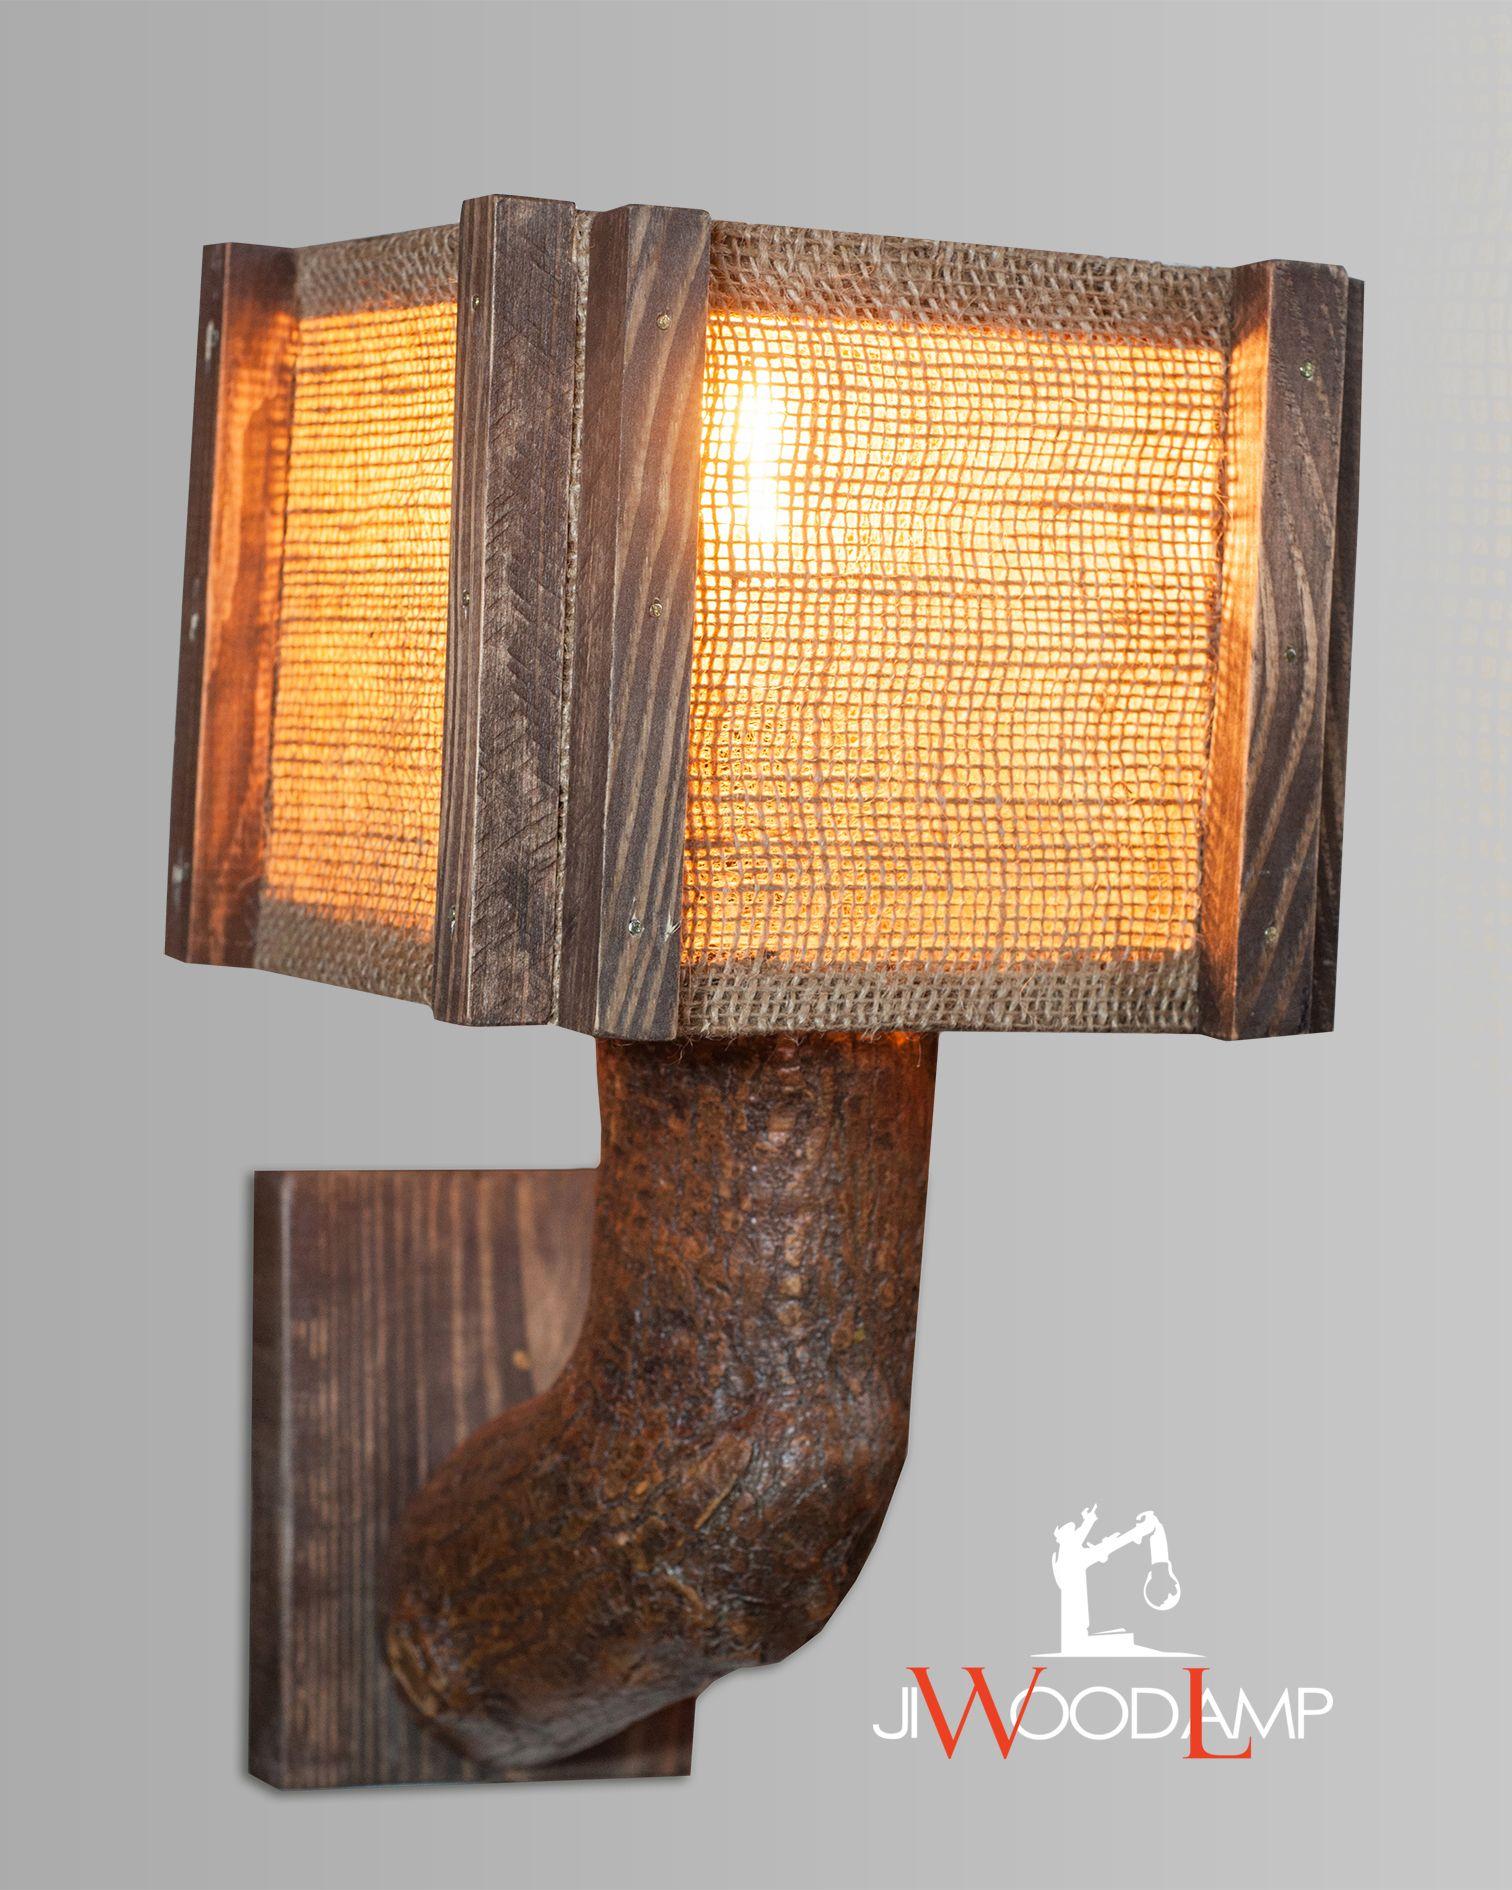 Wall Wood Lamp Wooden Lamp Wood Lamp Shade Wood Wall Light Etsy